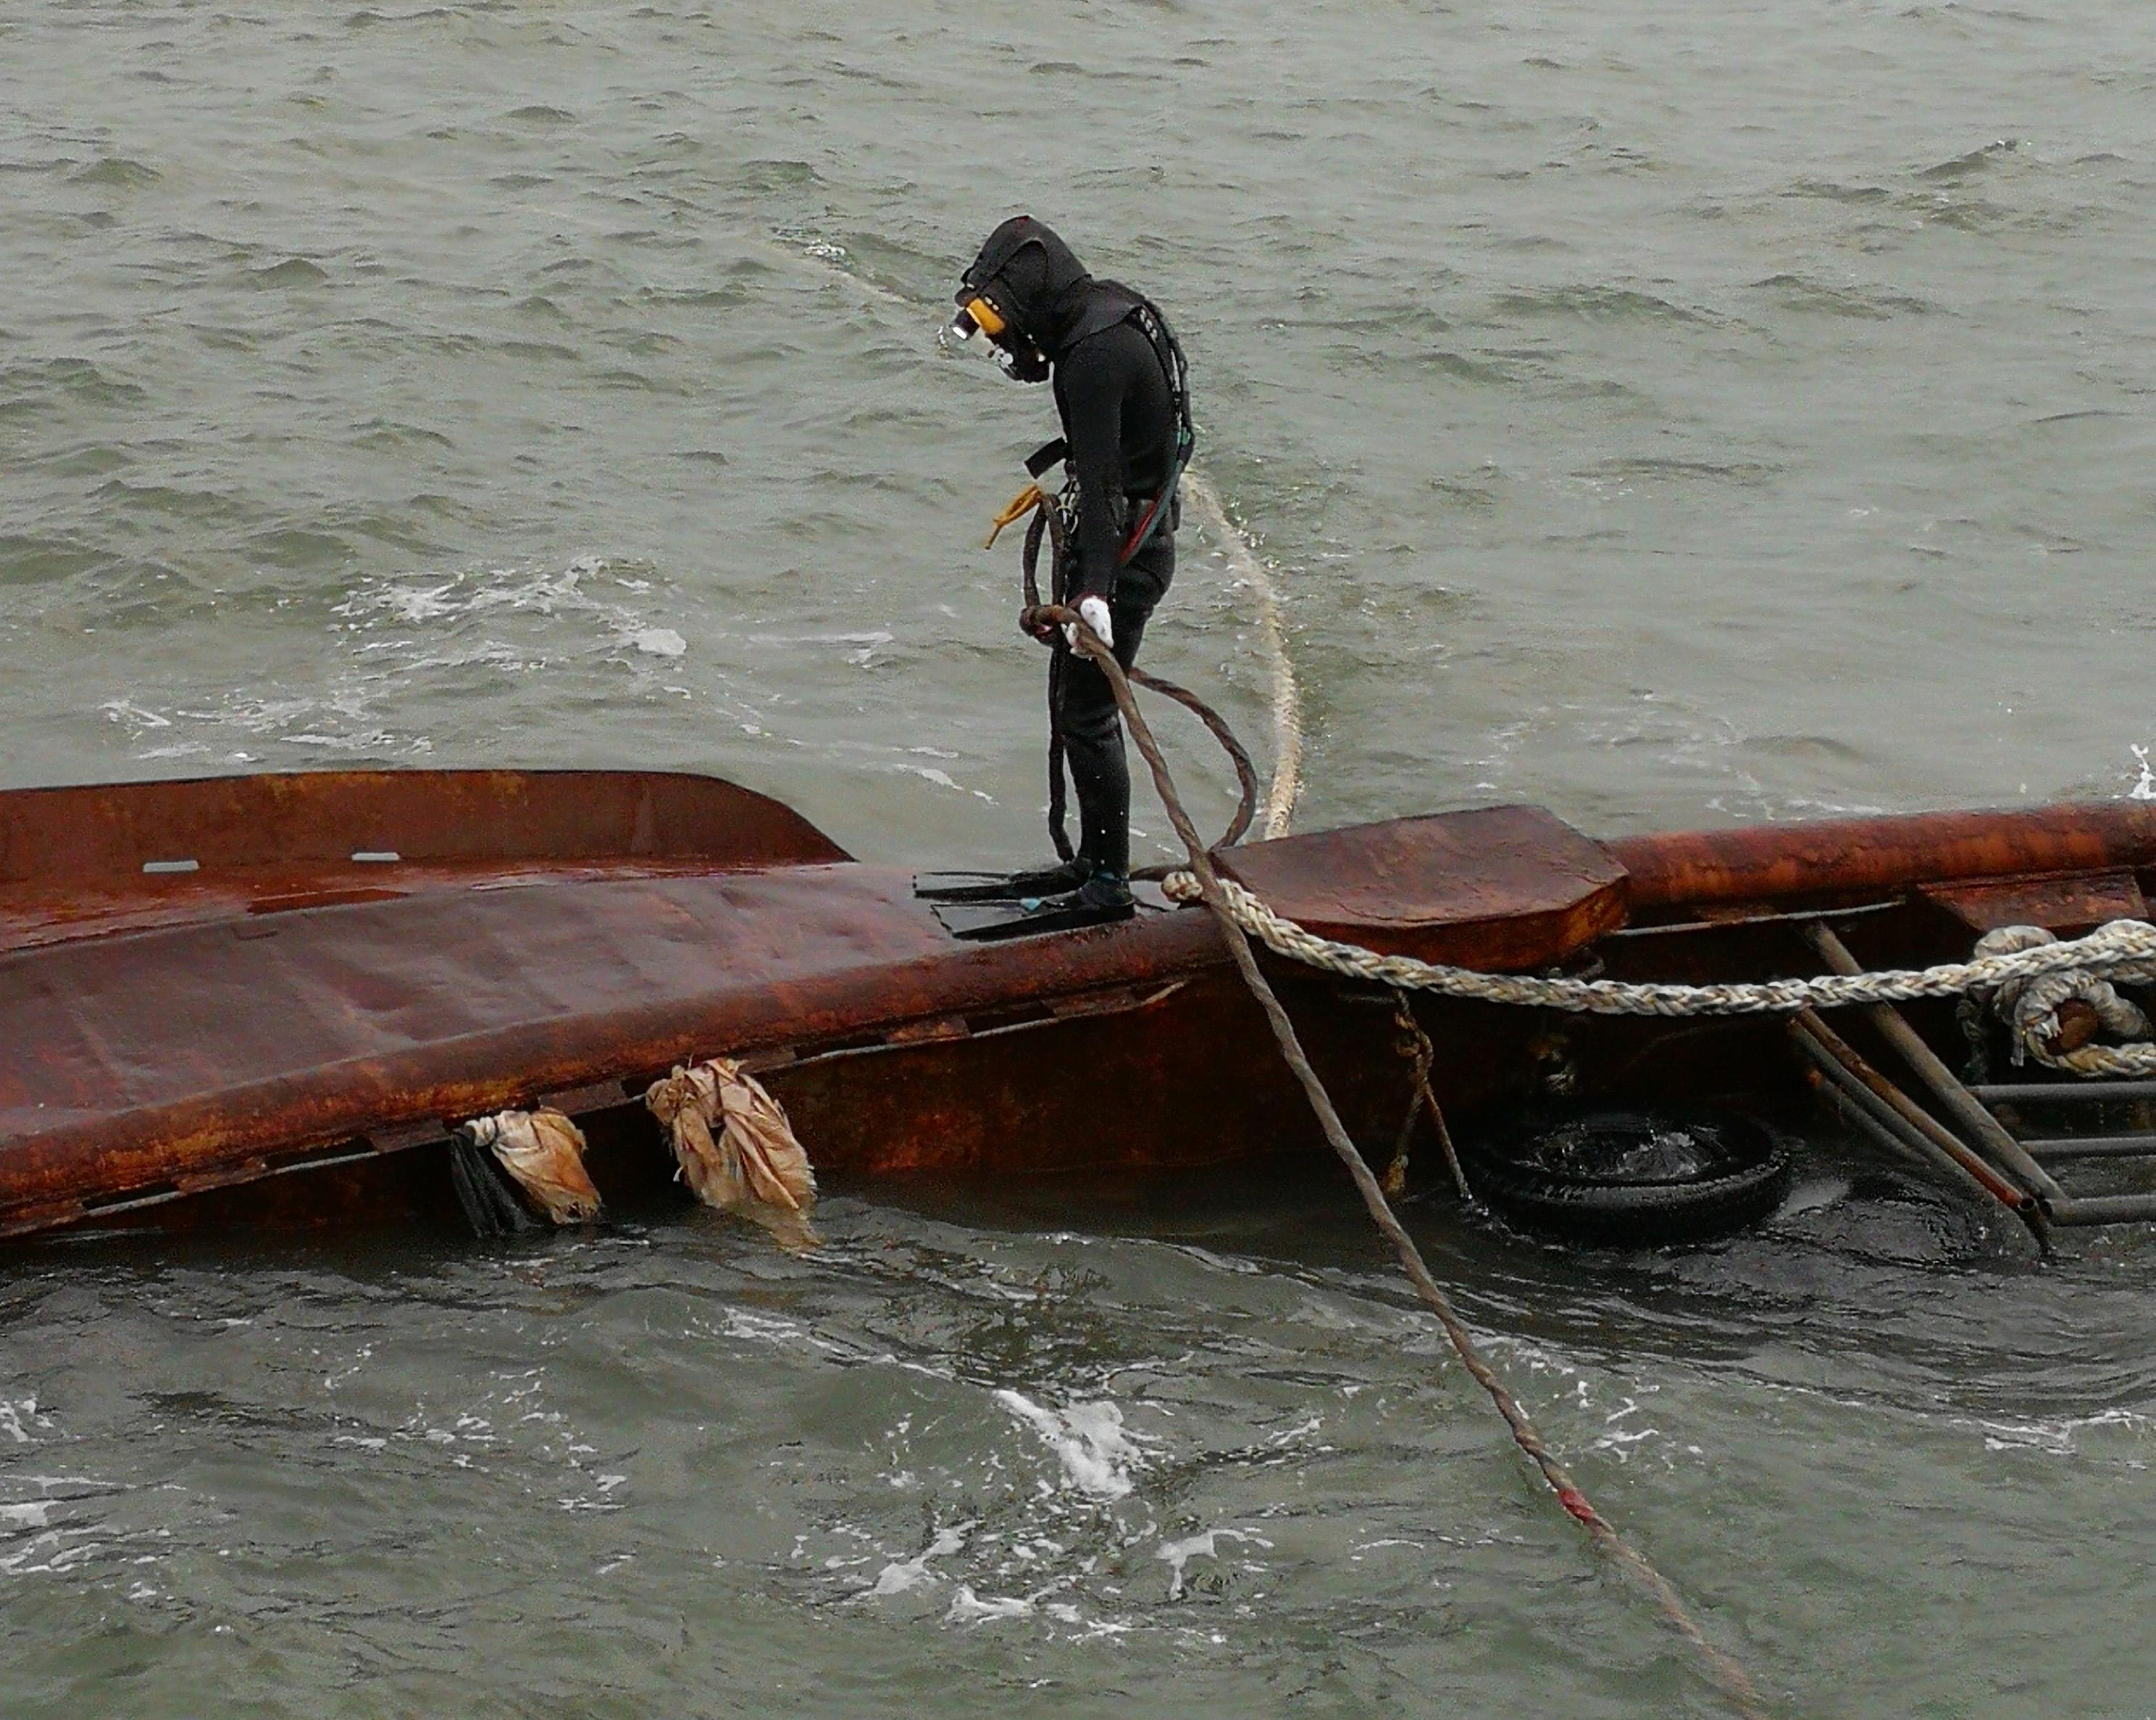 简述水下常见的打捞方法